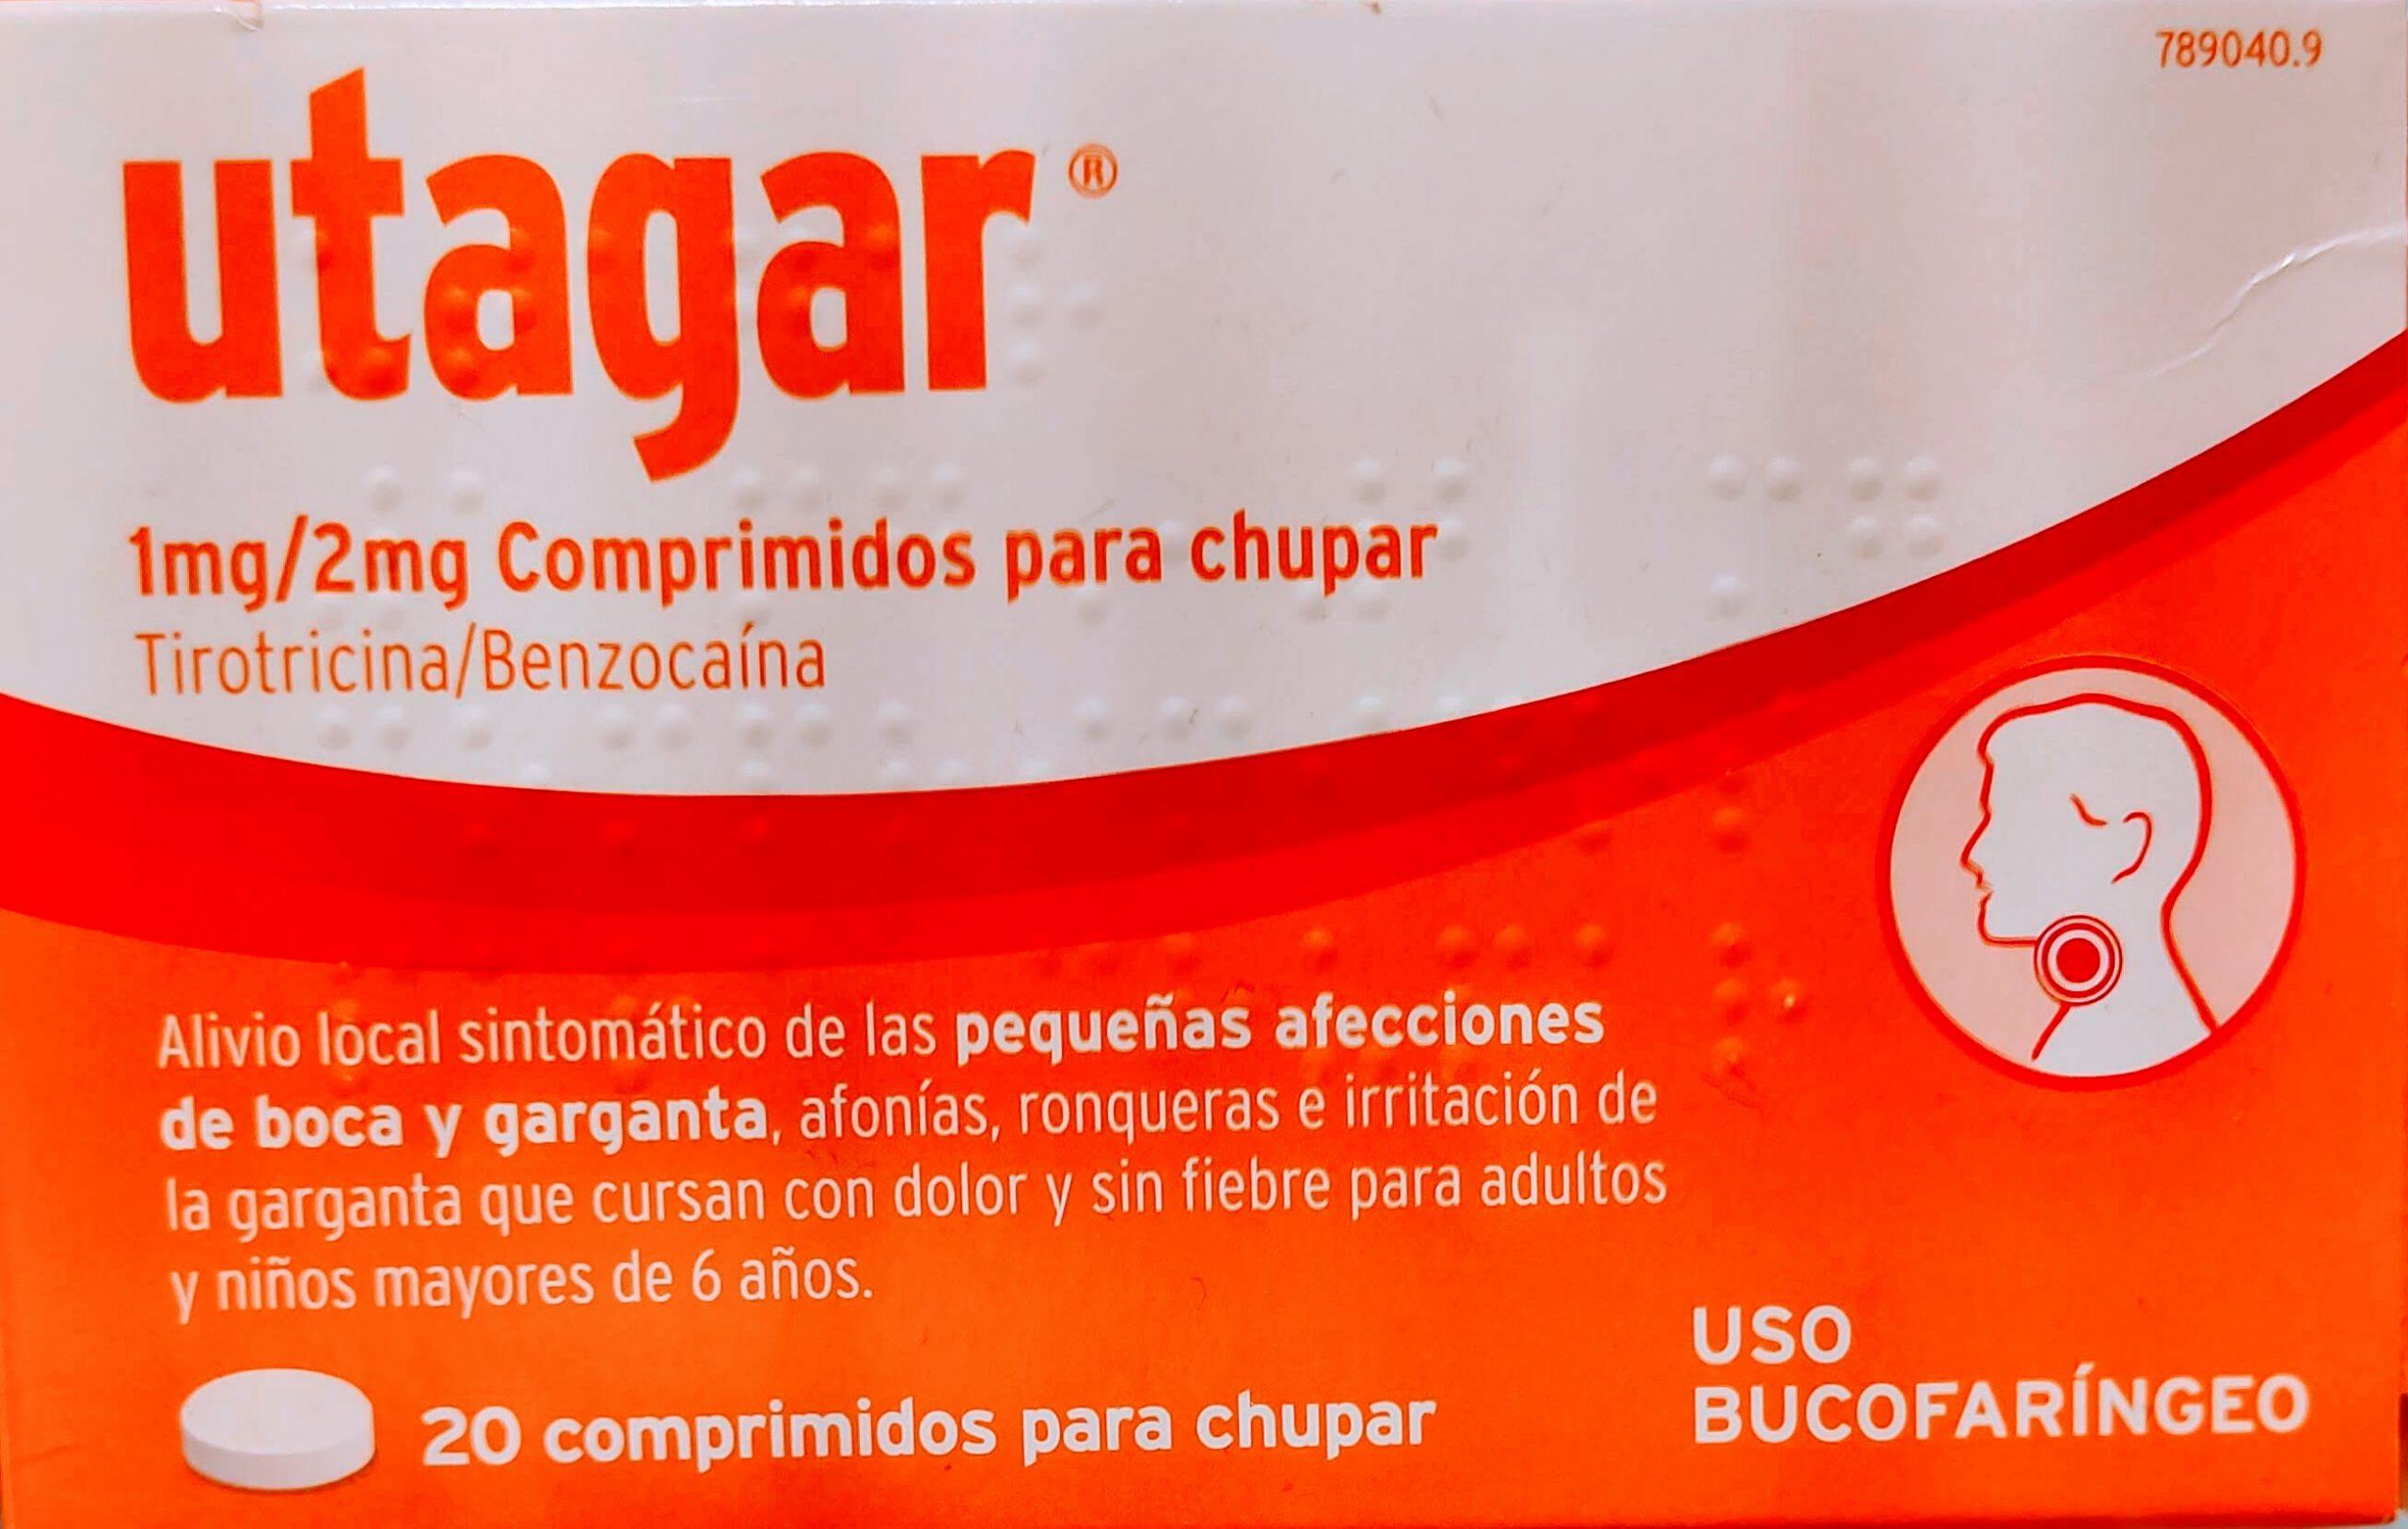 Comprar UTAGARCOMPRIMIDOS son unos comprimidos para chupar para las infecciones leves de boca y garganta Válidos también para la afonía y el picor de garganta.